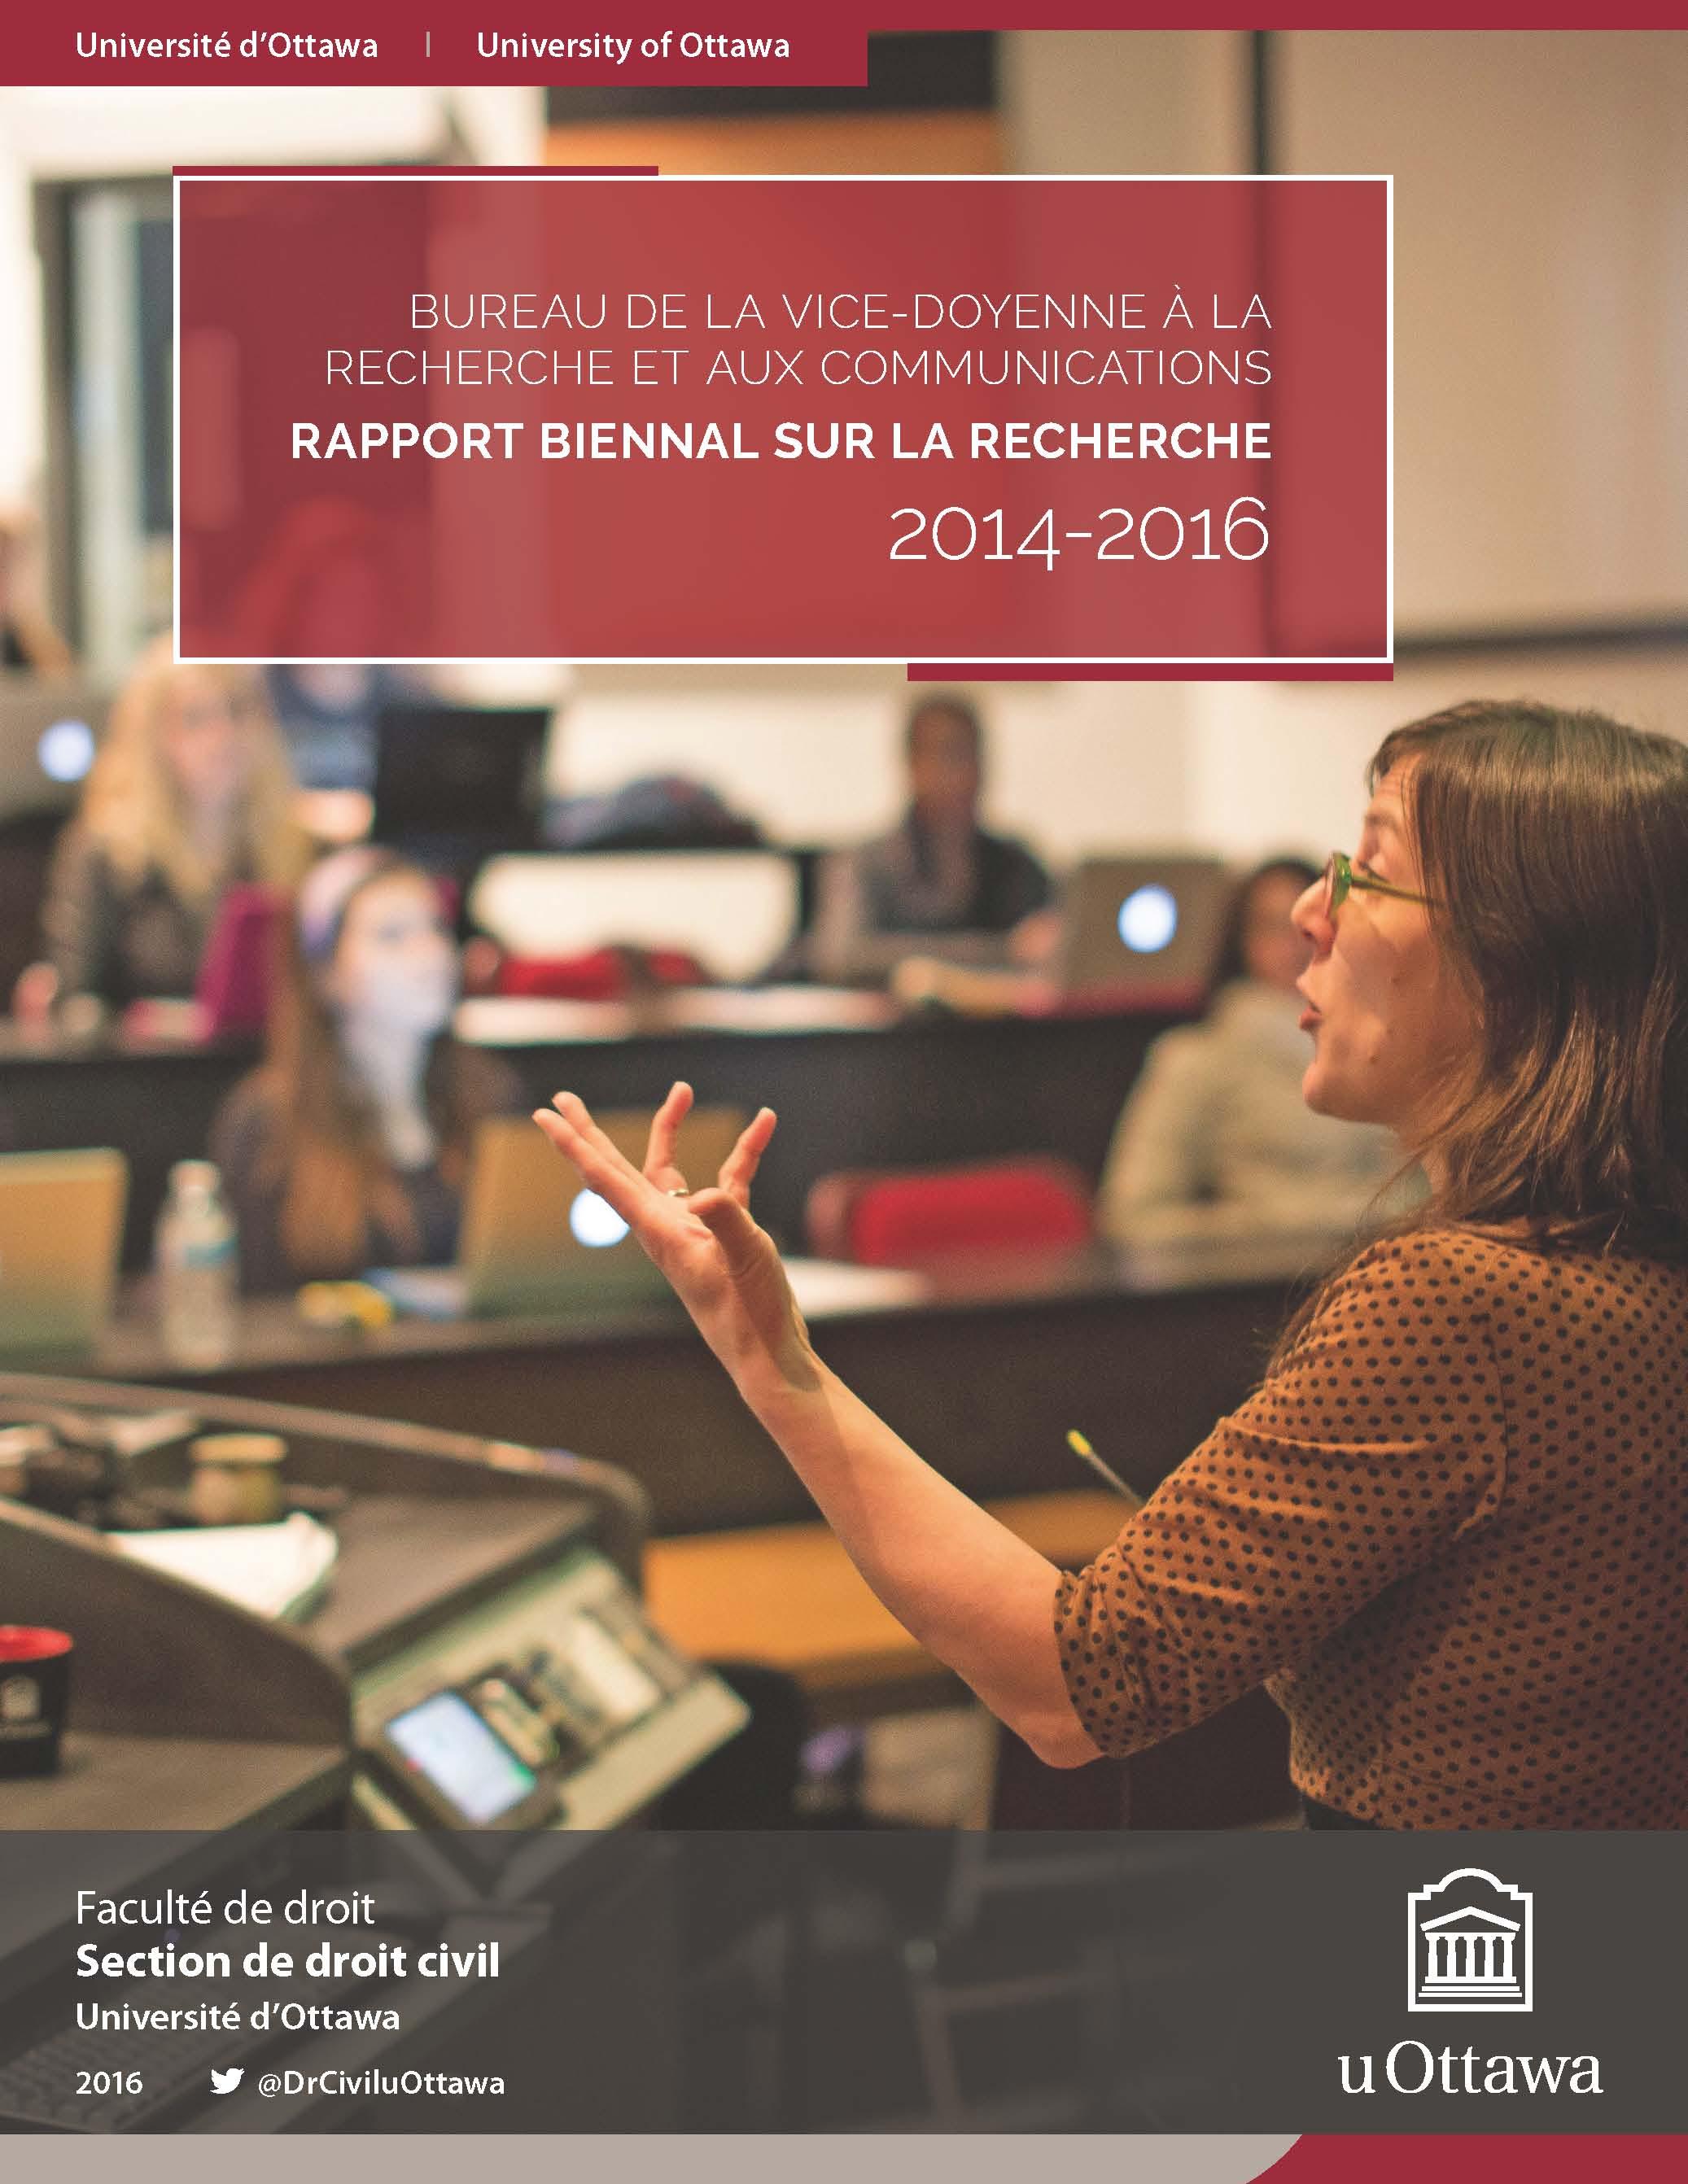 Rapport biennal sur la recherche, 2014-2016